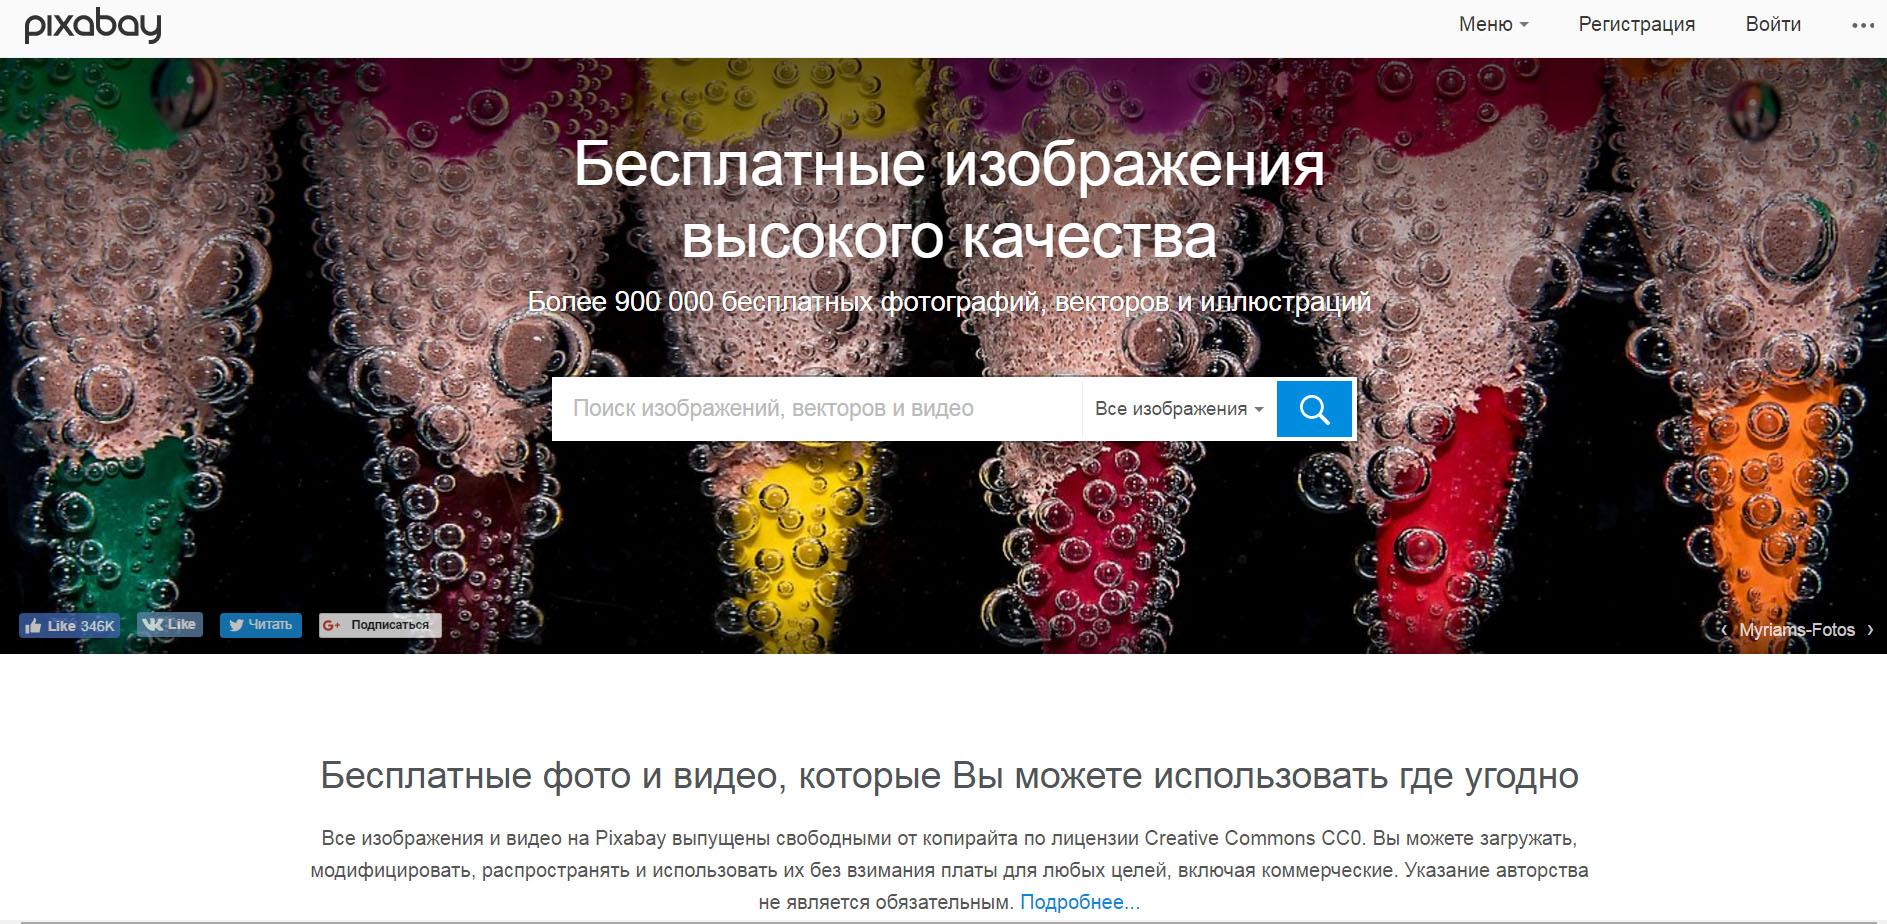 Фотобанки для начинающих любителей работа онлайн мегион